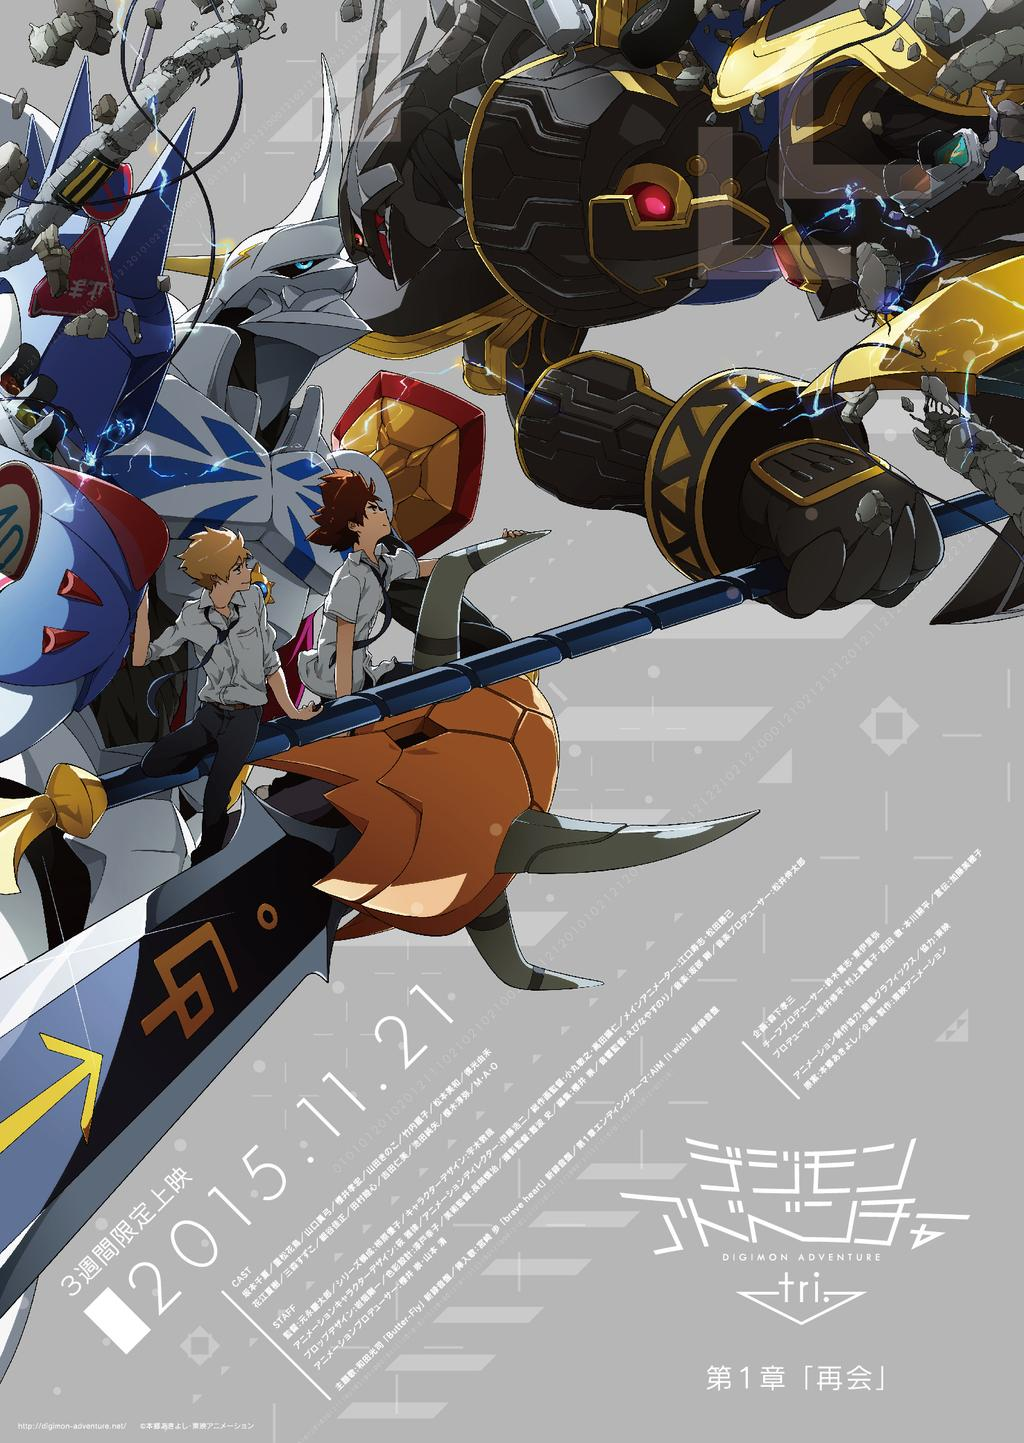 digimon-adventure-tri-part-1-saikai-recebe-trailer-pn